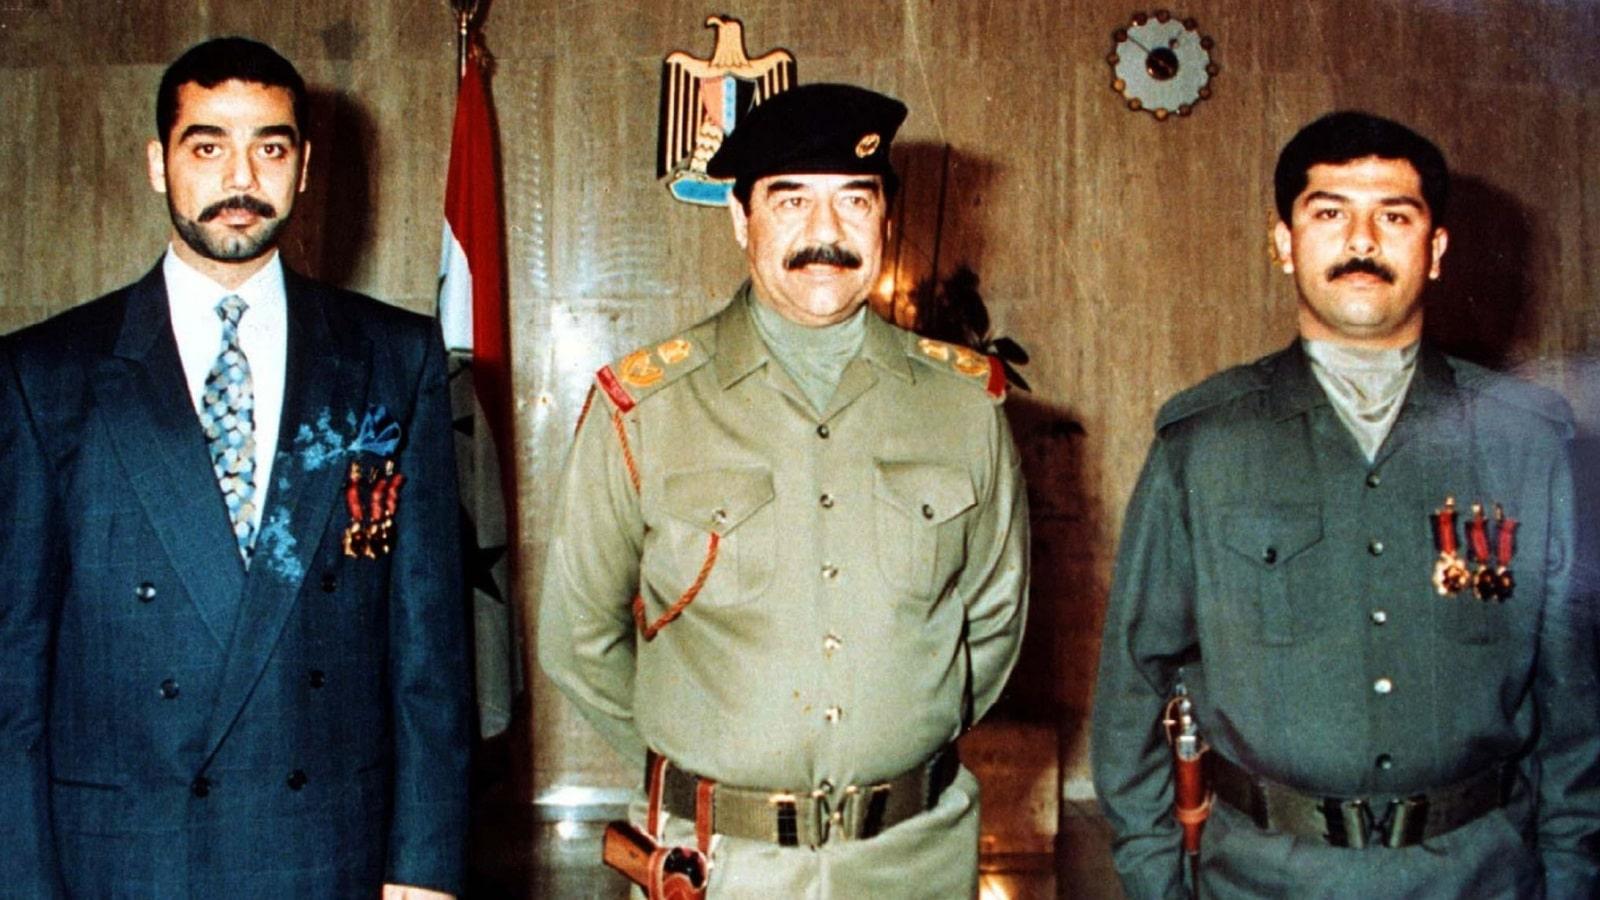 هكذا نعى صدام حسين نجليه عدي وقصي بعد مقلتهما على يد القوات الأمريكية (فيديو)